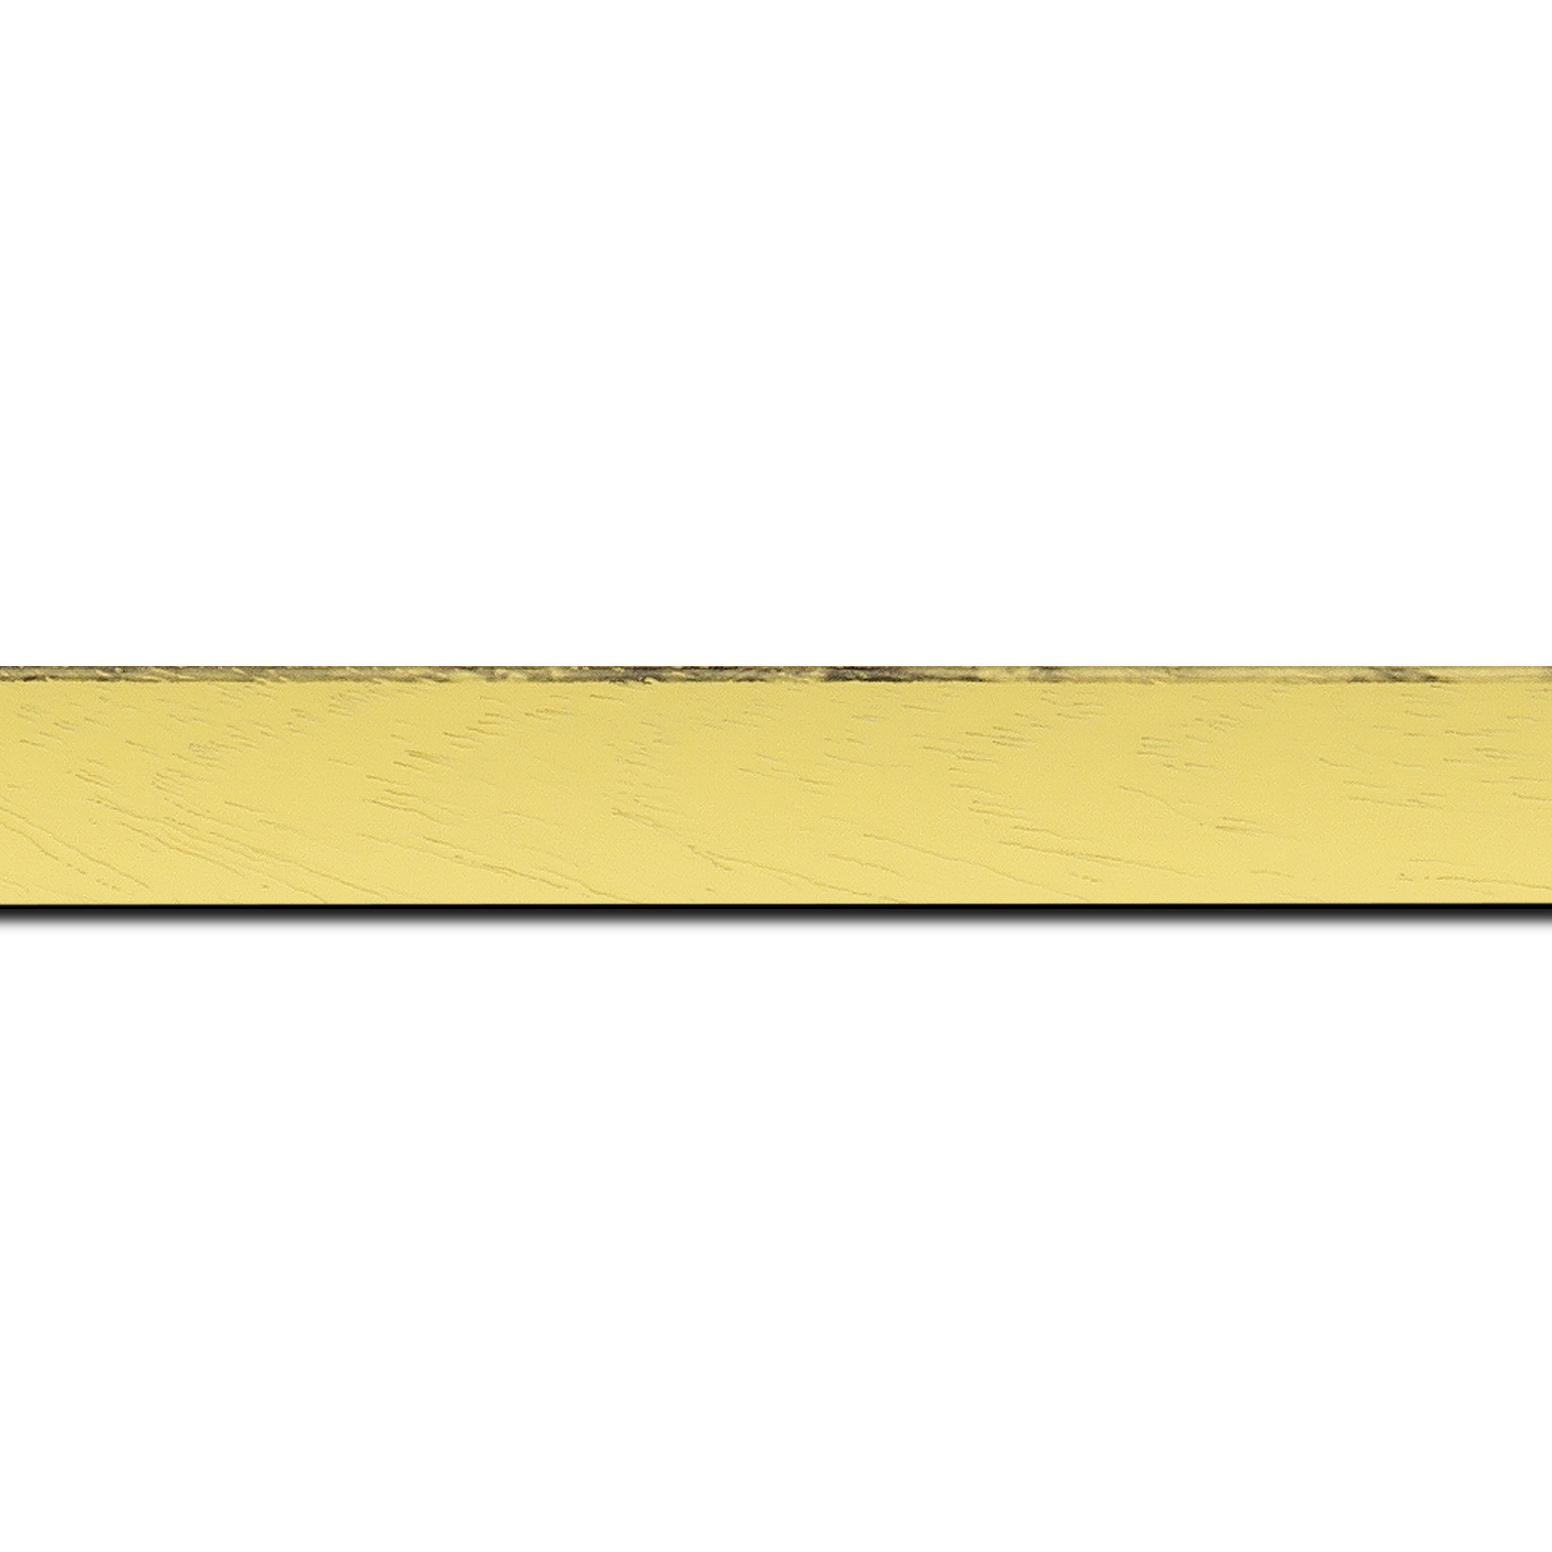 Cadre bois jaune 60x90 pas cher. Cadre photo bois jaune 60x90 ...